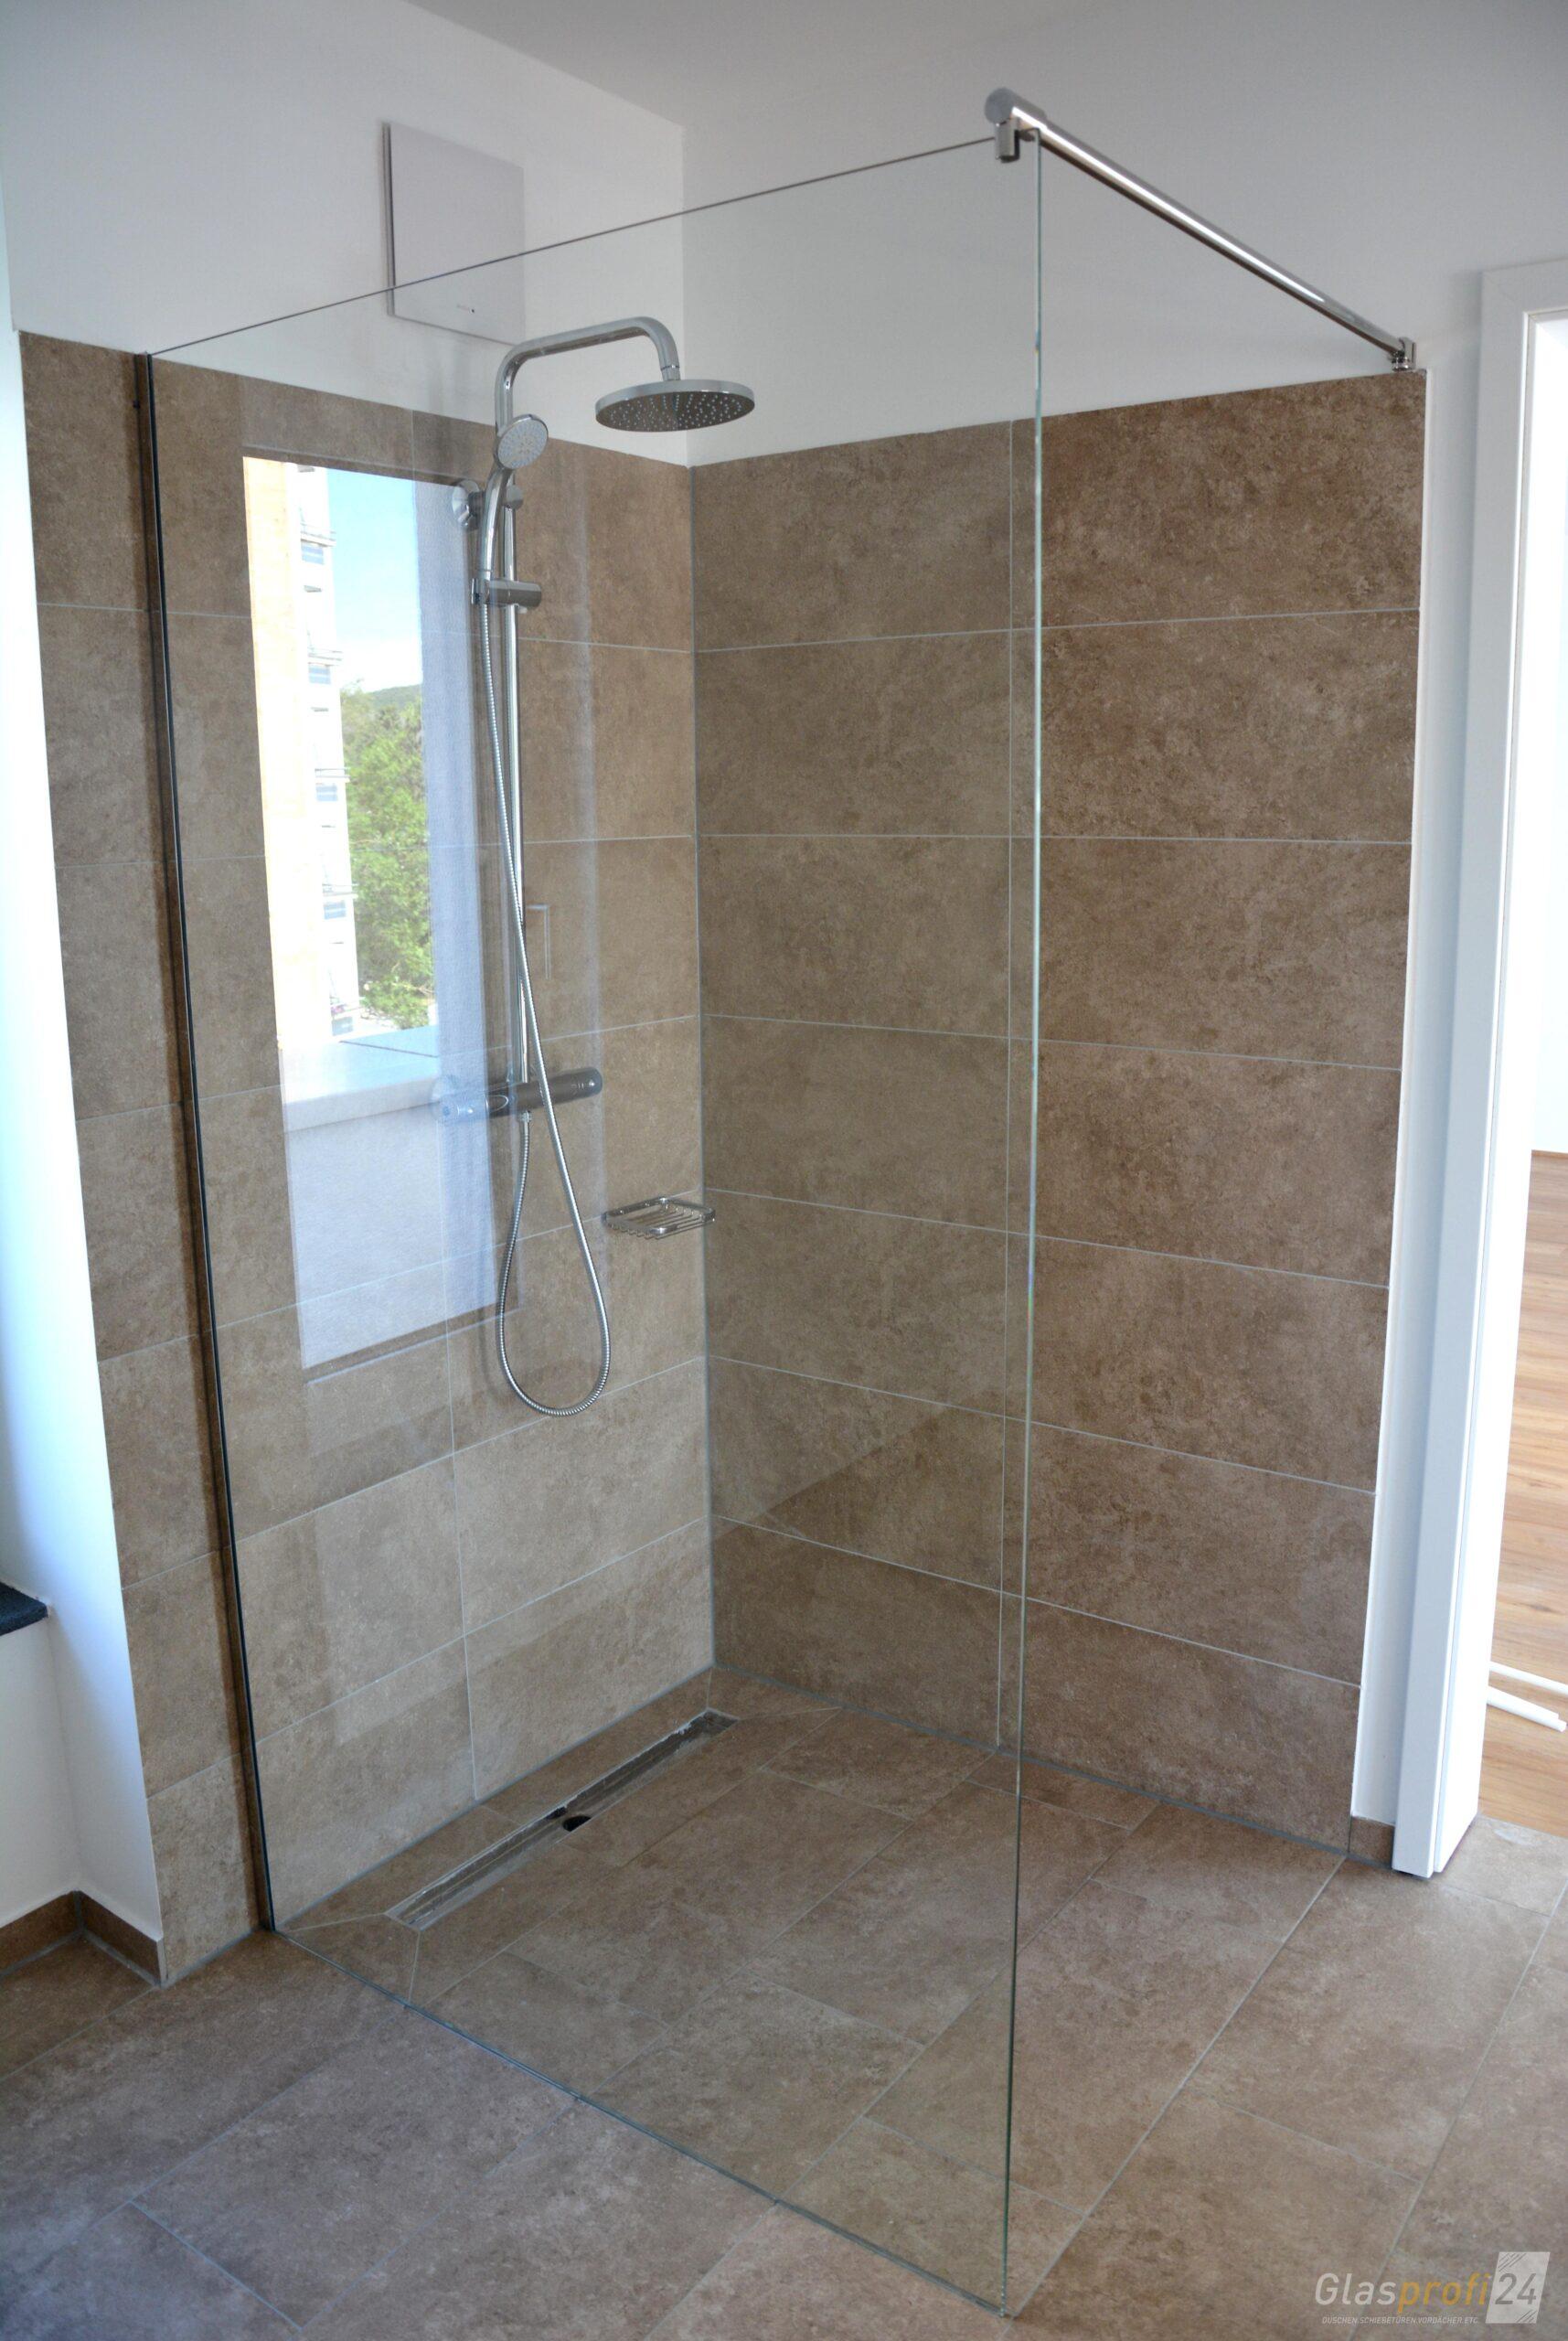 Full Size of Walkin Dusche Konfigurieren Glasduschen Duschkabinen Online Kaufen Bodengleiche Nachträglich Einbauen Glastür 80x80 Hsk Duschen Fliesen Für Bodengleich Dusche Walkin Dusche